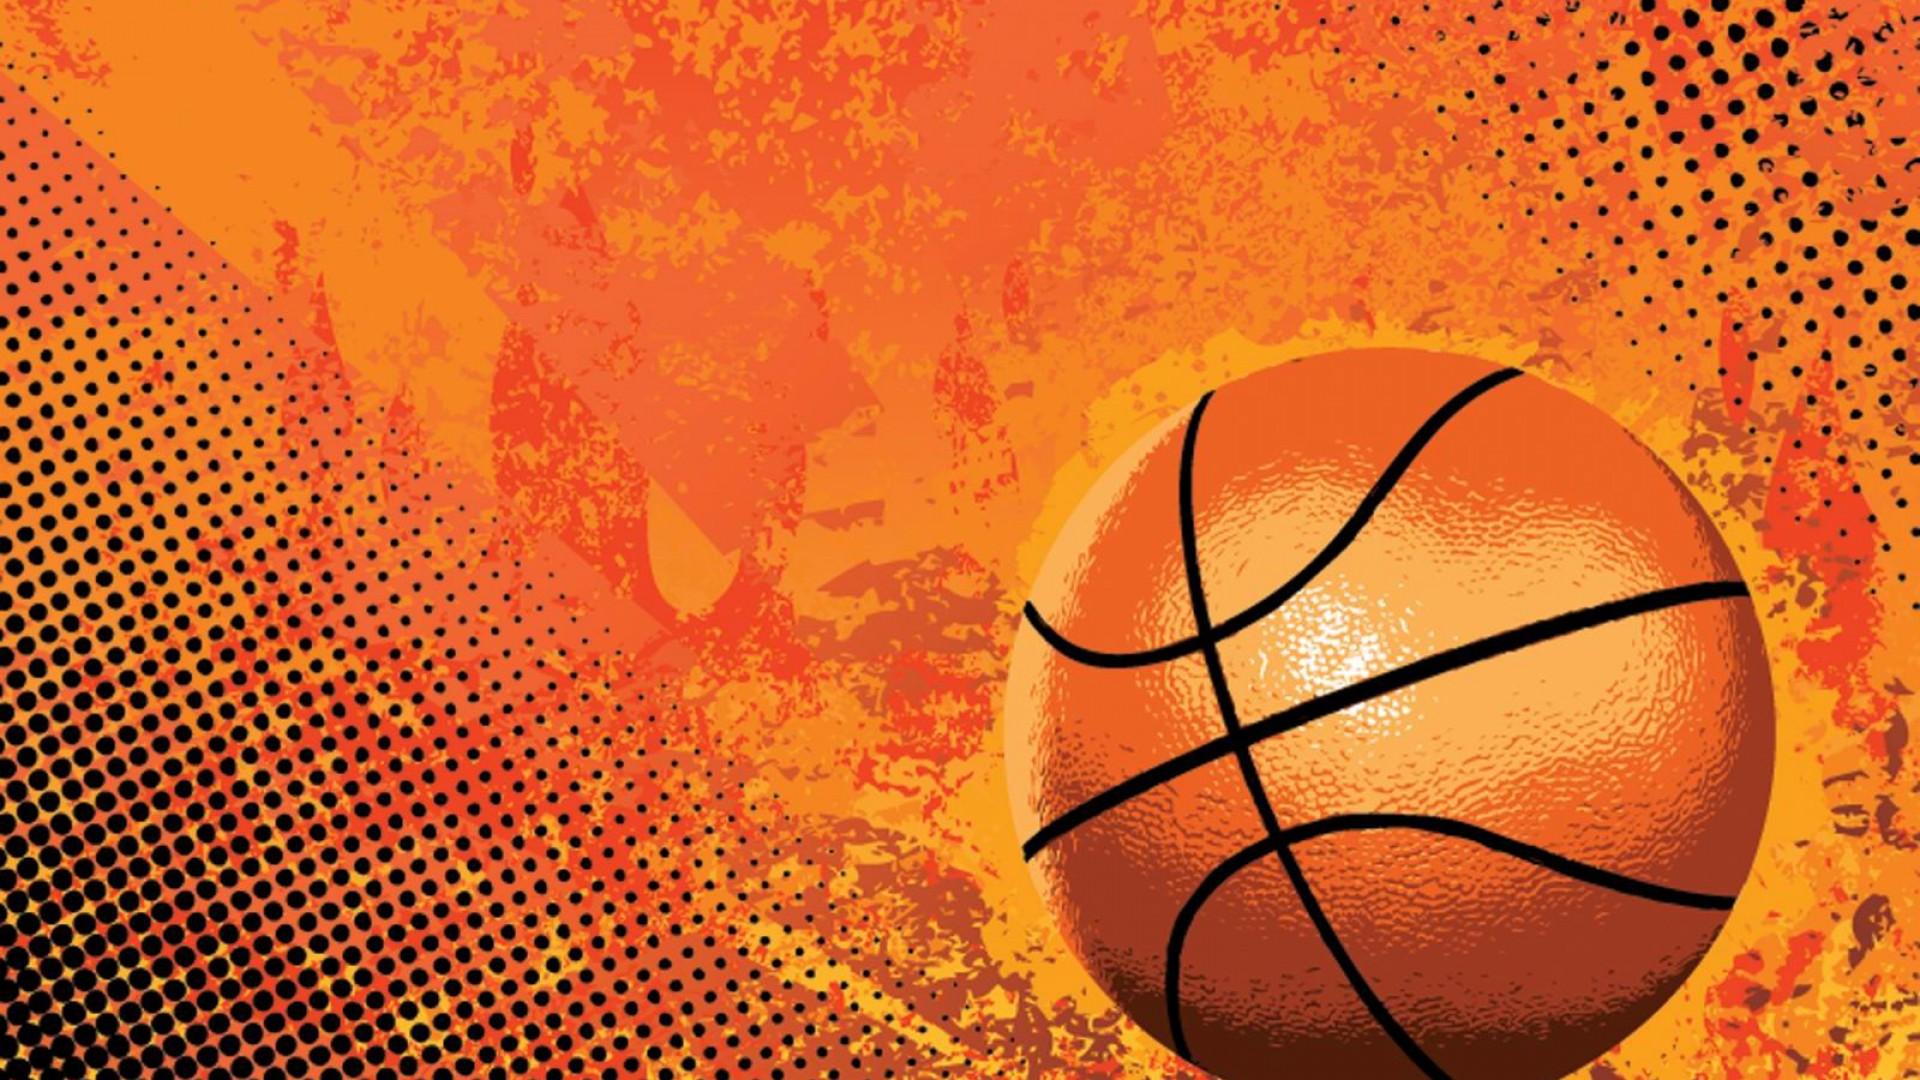 Best Basketball Wallpapers Background Fullsize Basketball